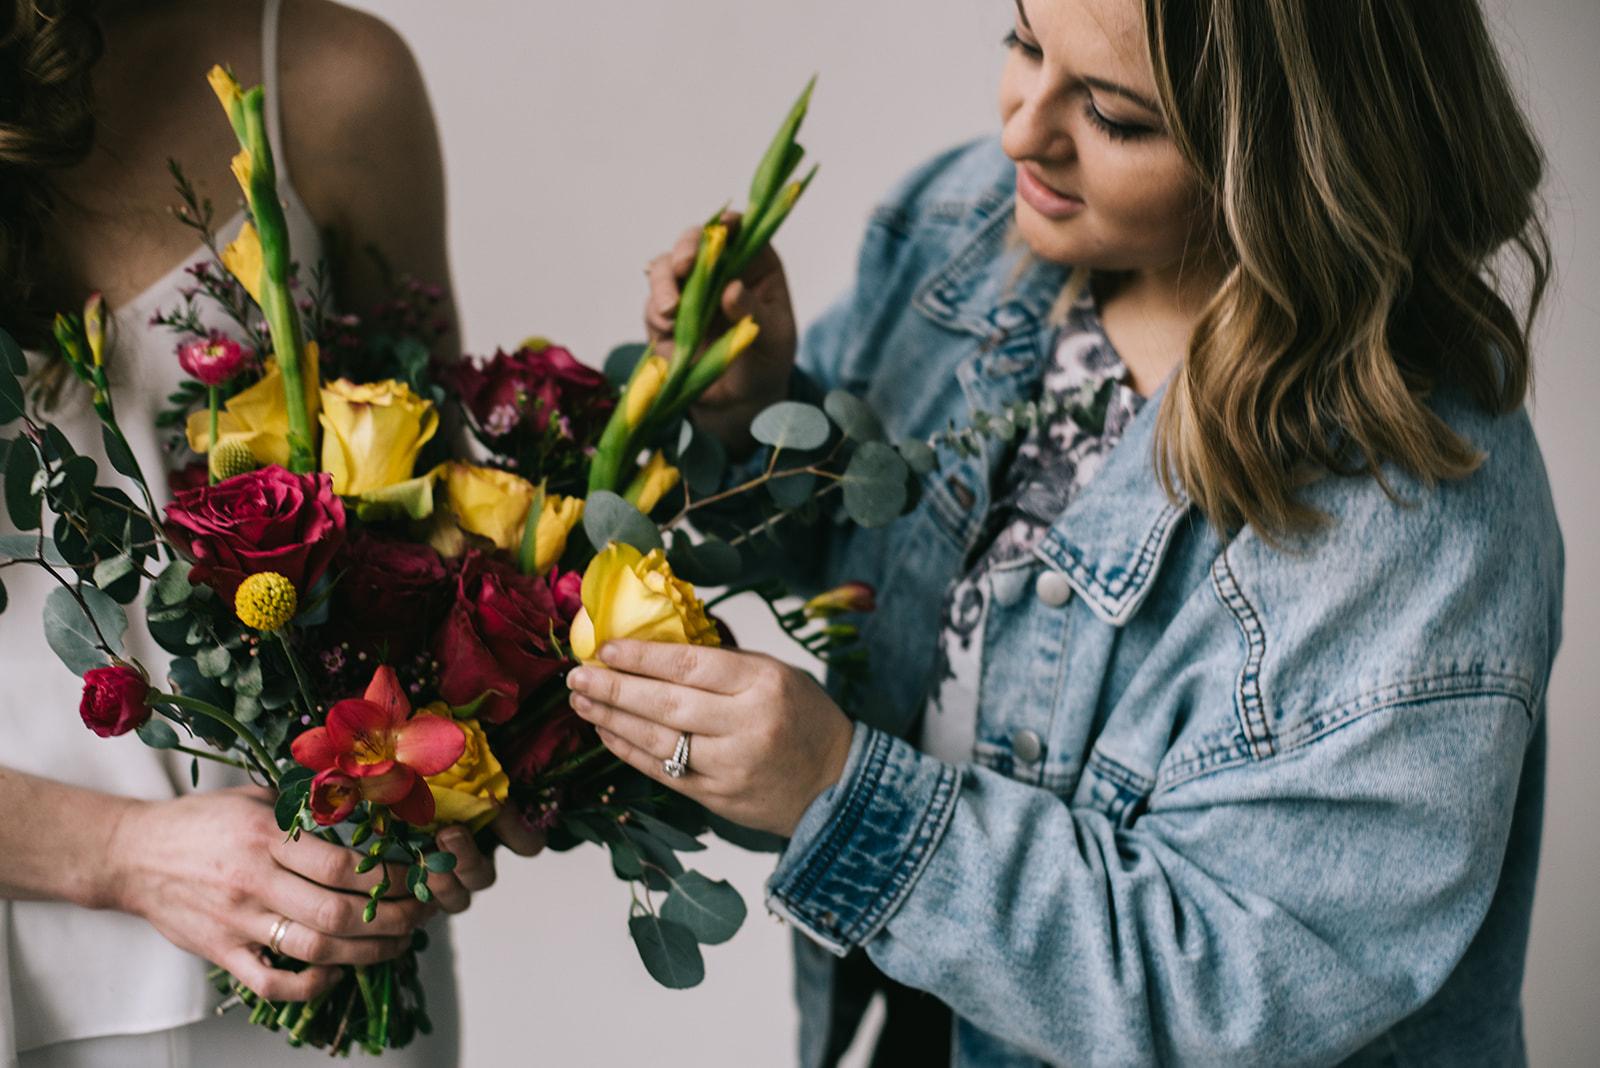 Workshop floral design